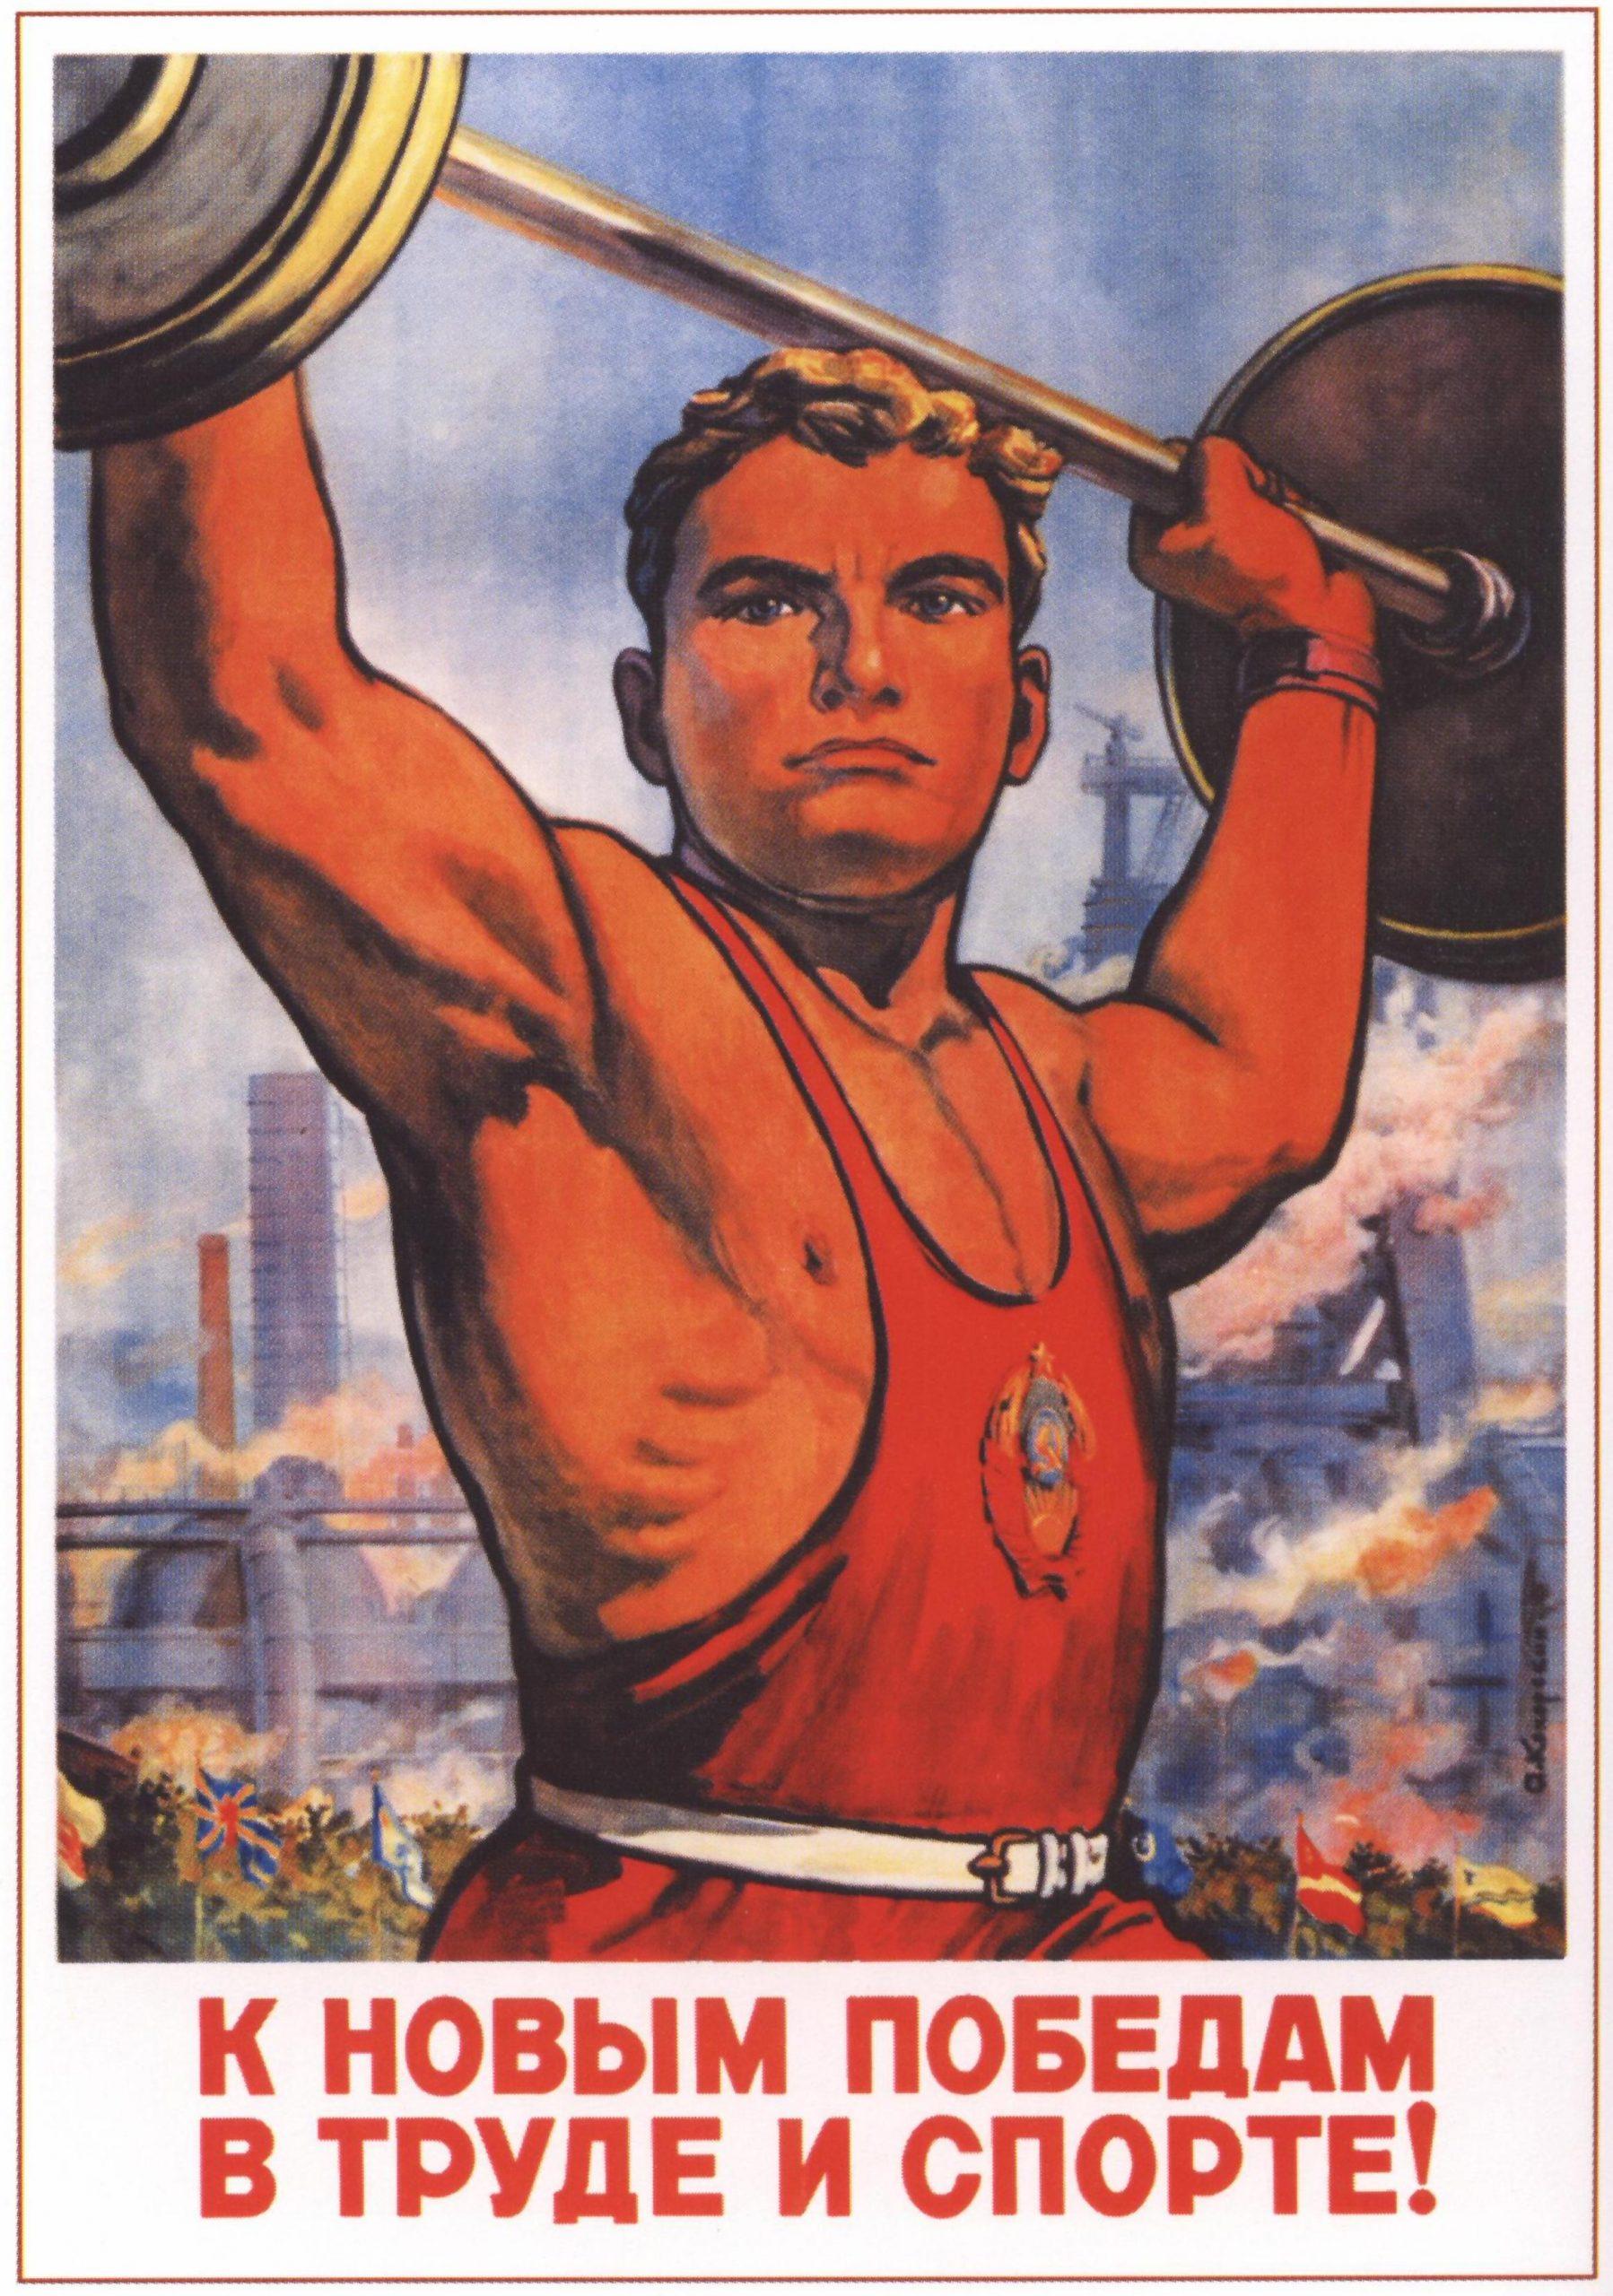 К новым победам в труде и спорте!